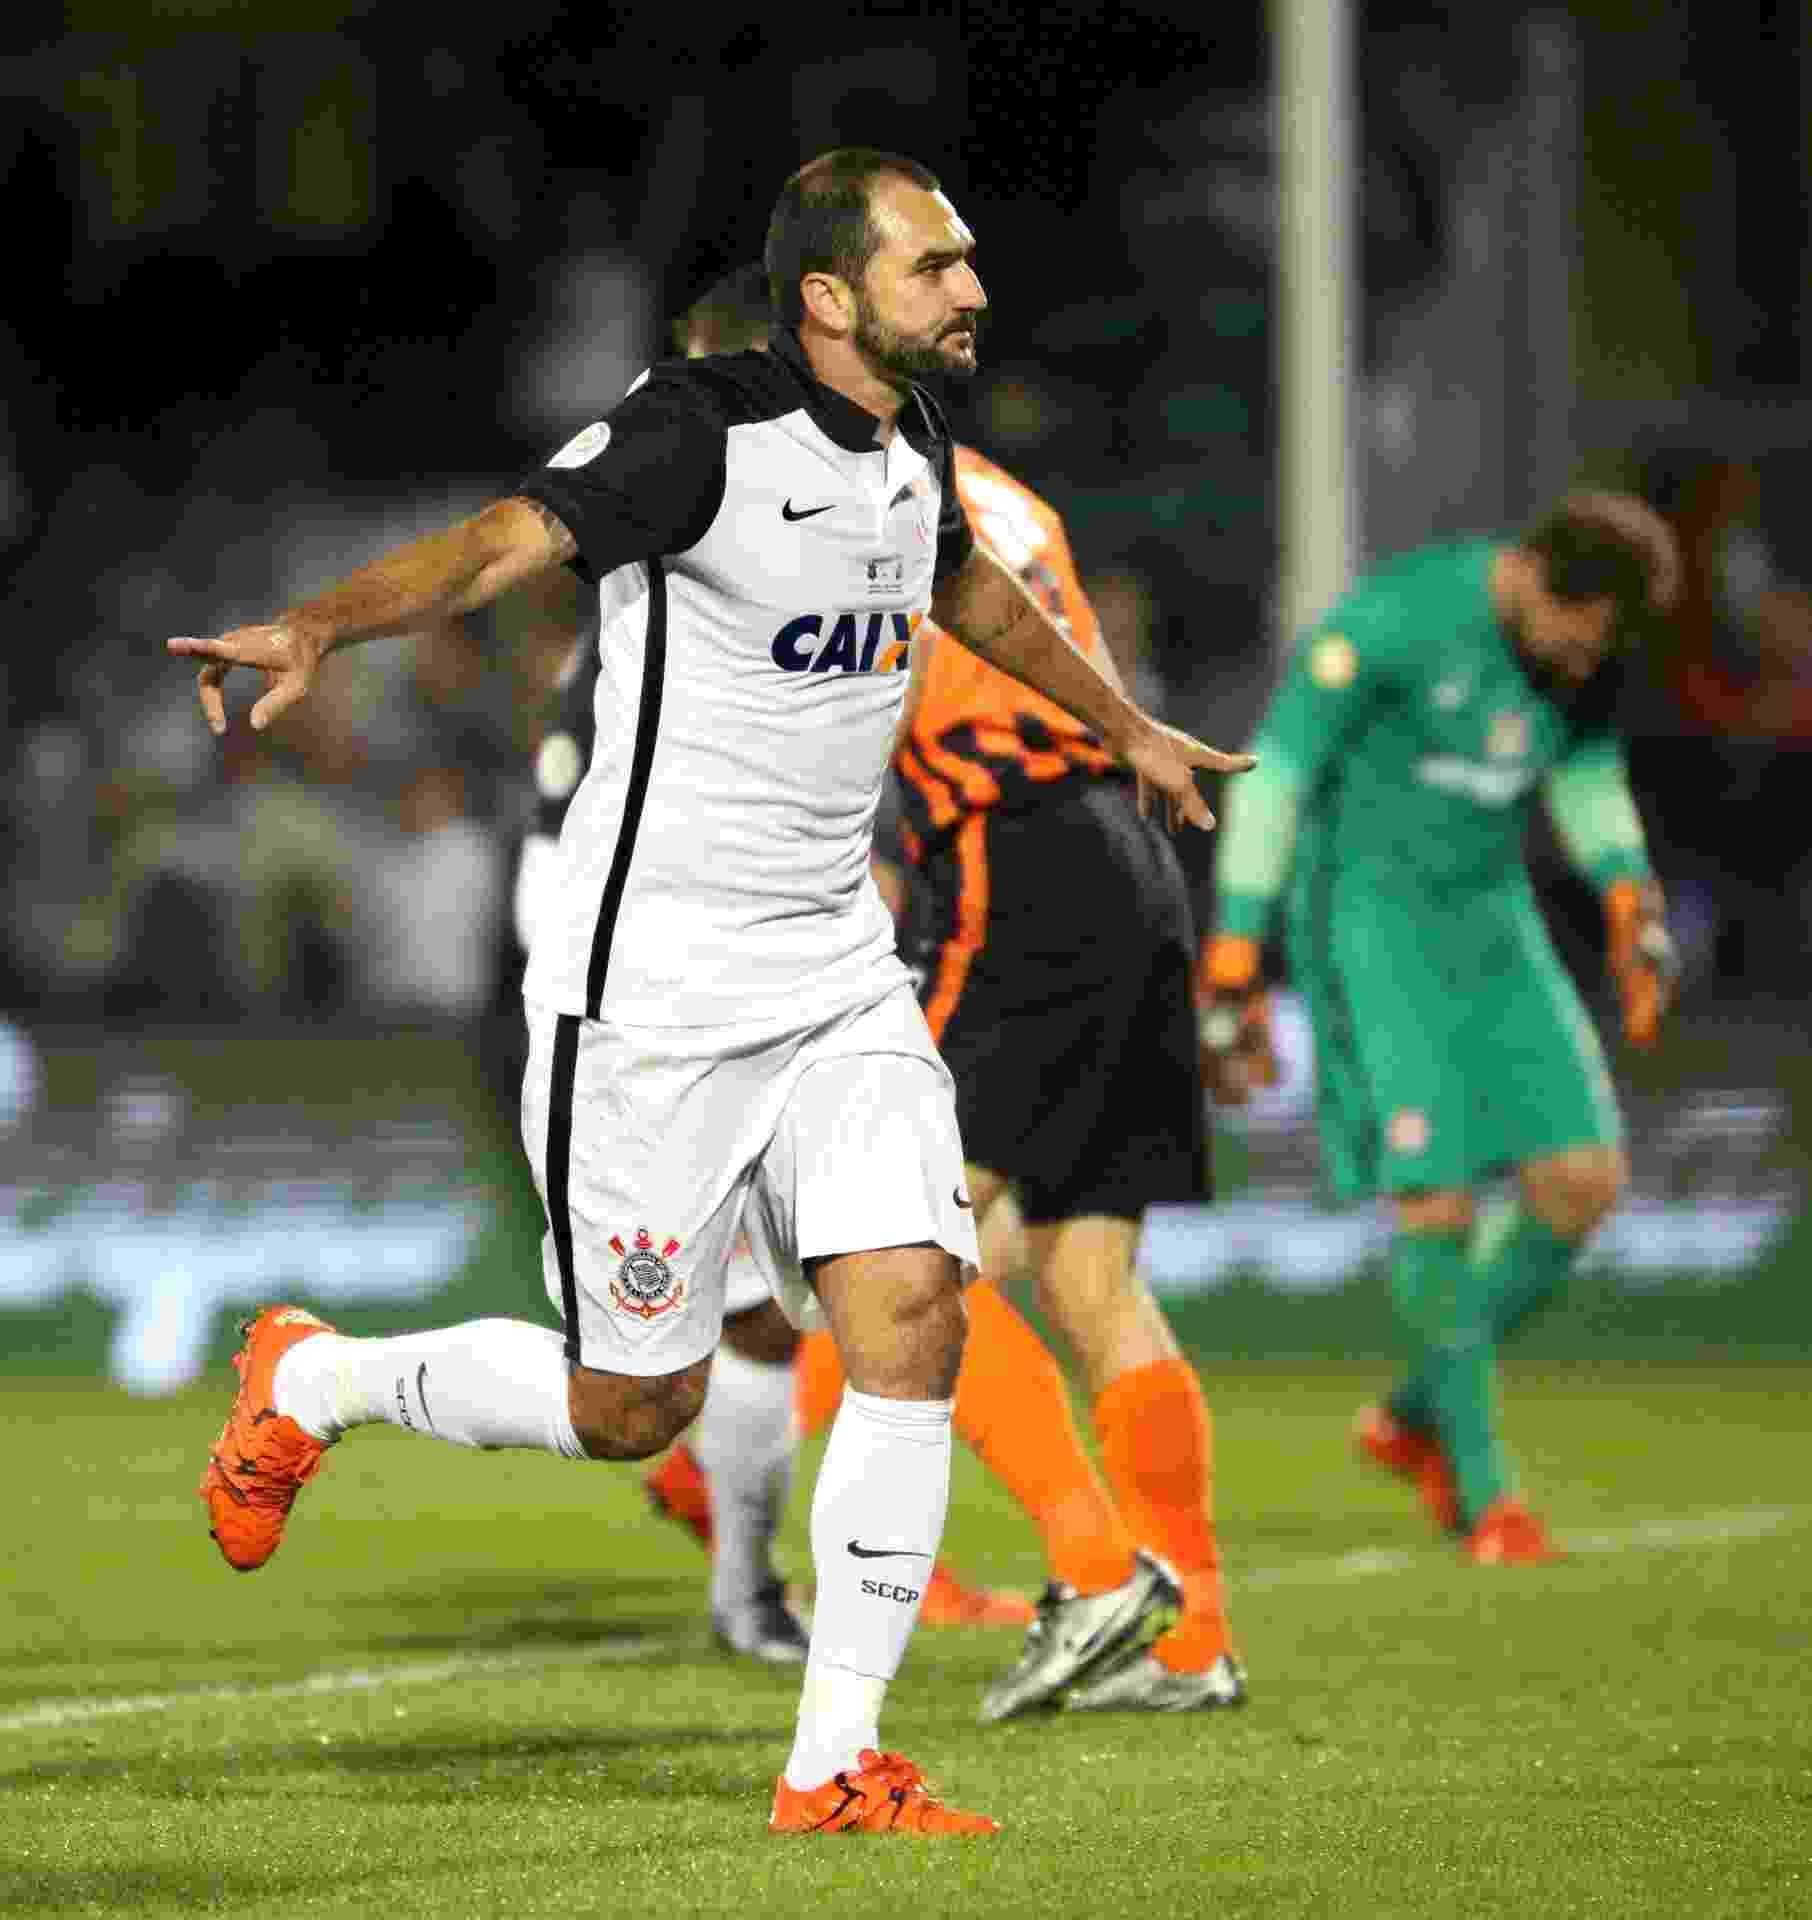 Danilo comemora o seu gol pelo Corinthians contra o Shakhtar pela Florida Cup - AFP / Gregg Newton